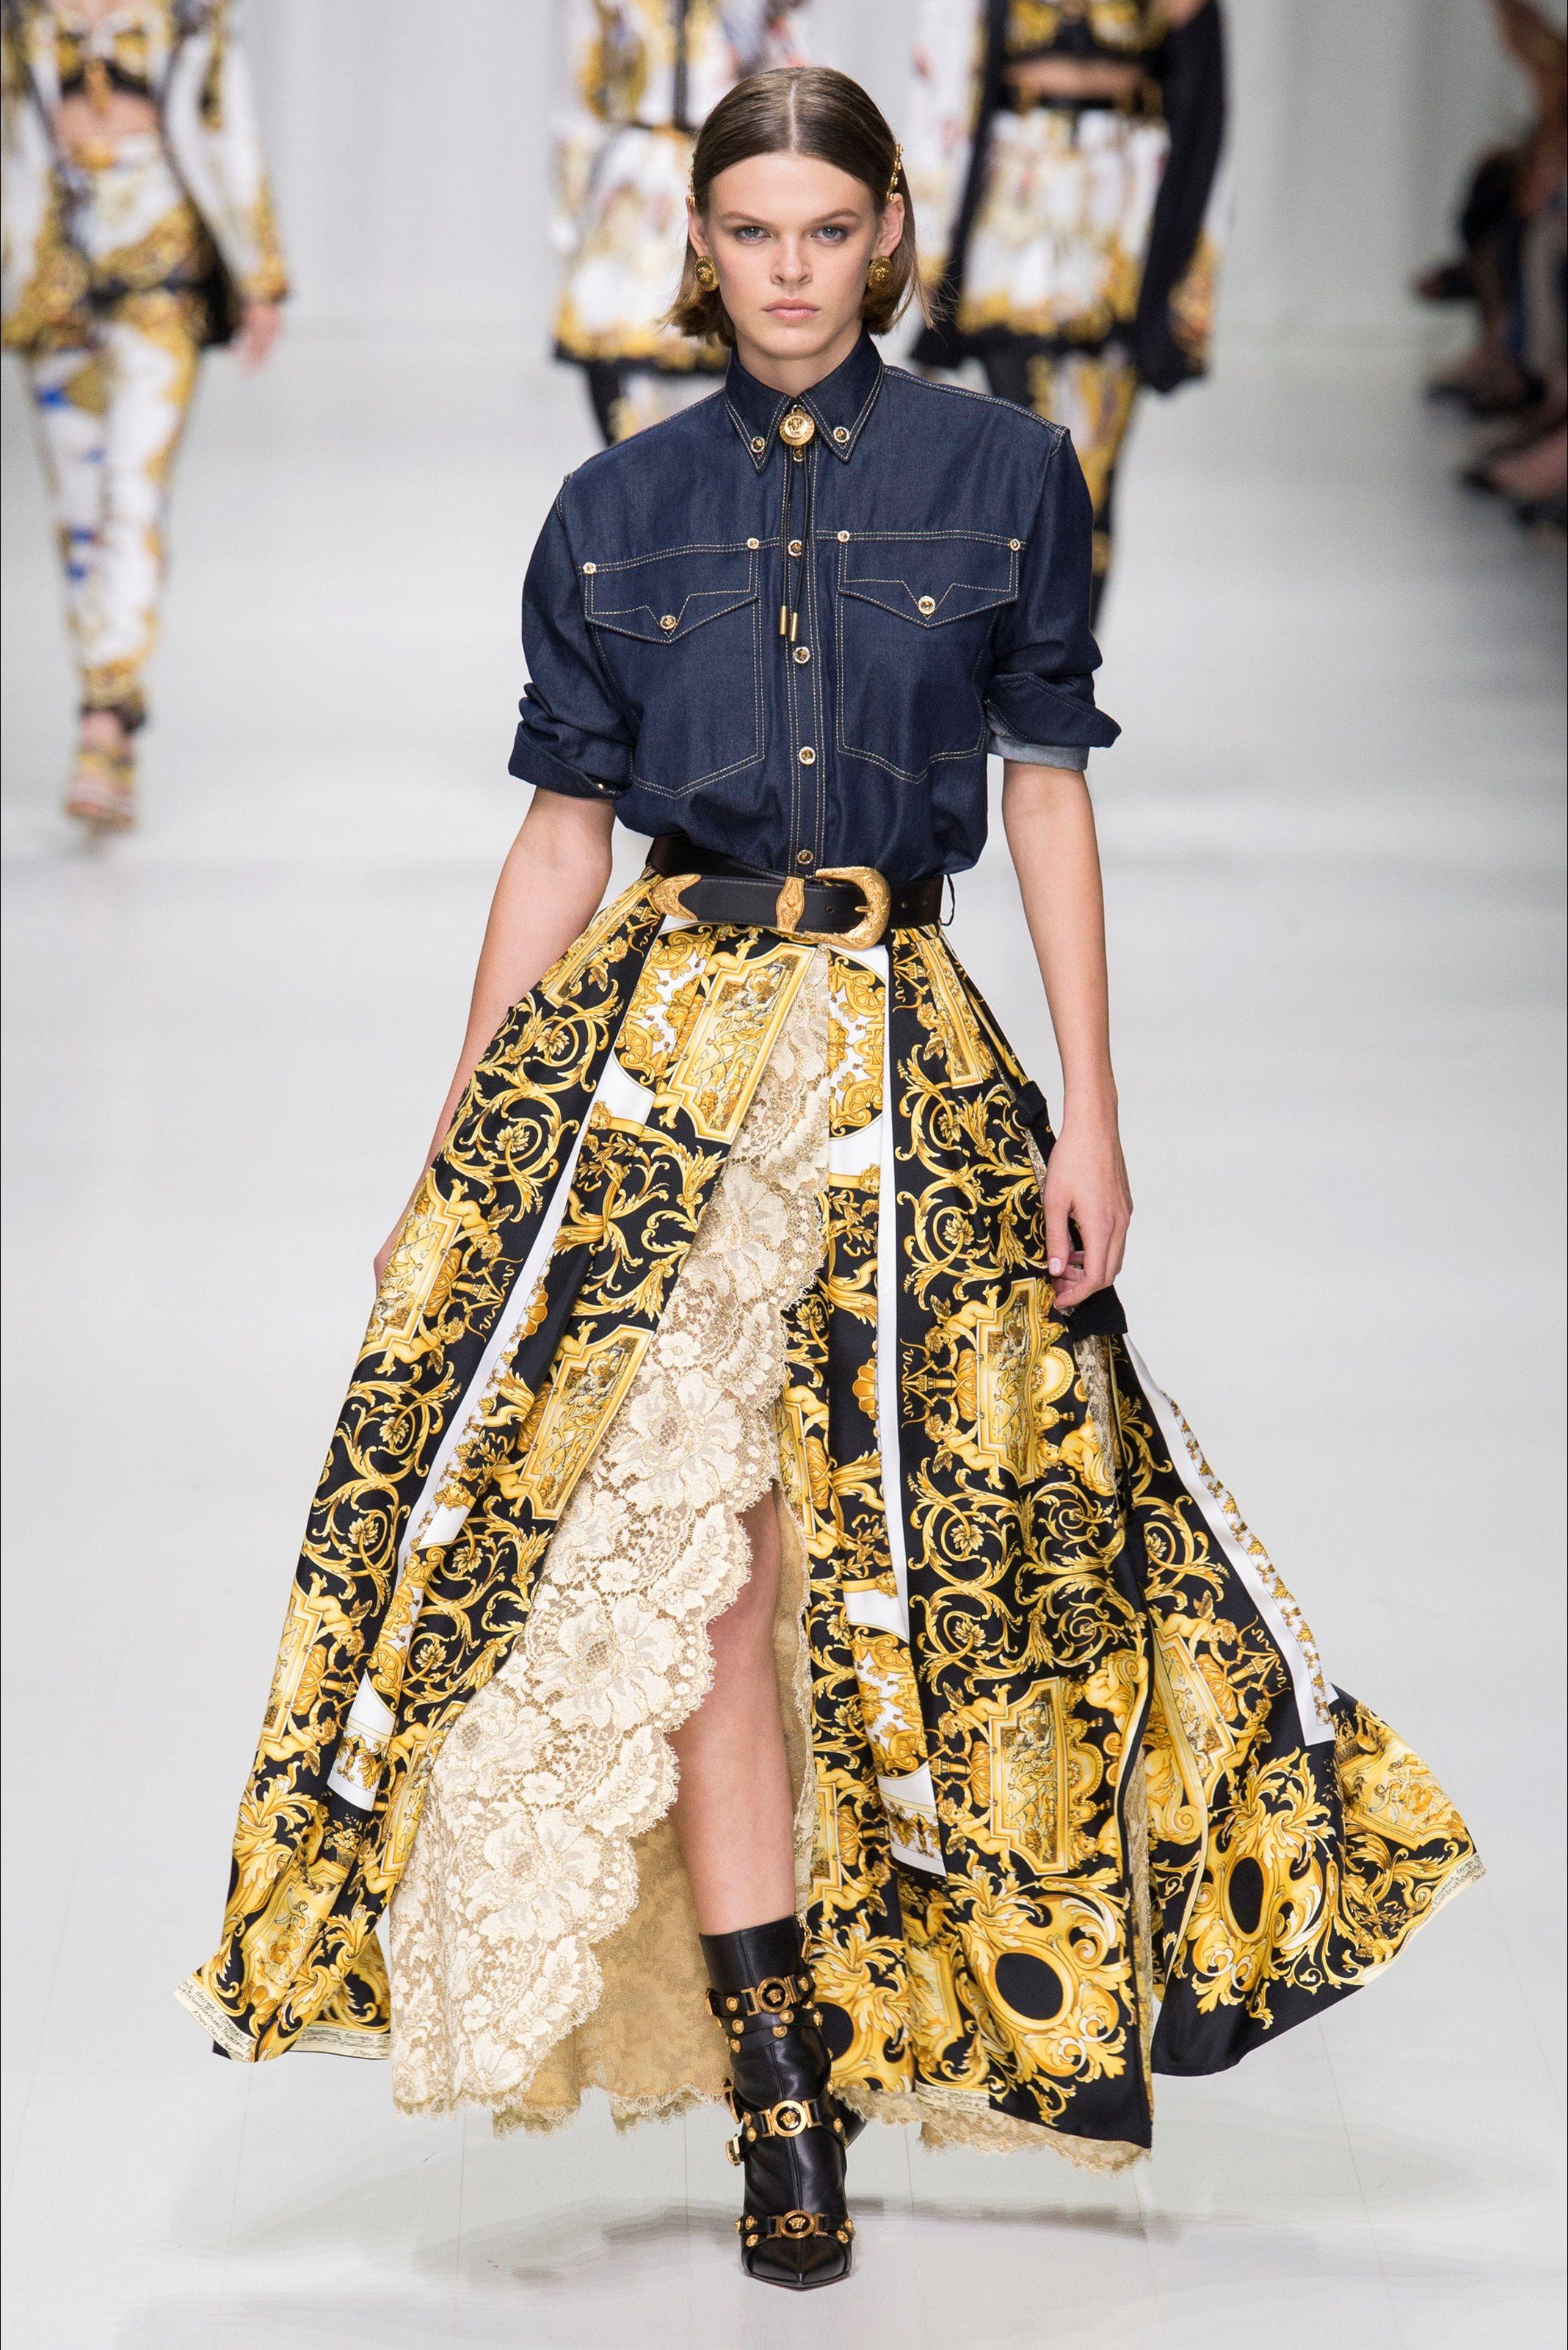 4d2f4a81db Guarda la sfilata di moda Versace a Milano e scopri la collezione di abiti  e accessori per la stagione Collezioni Primavera Estate 2018.